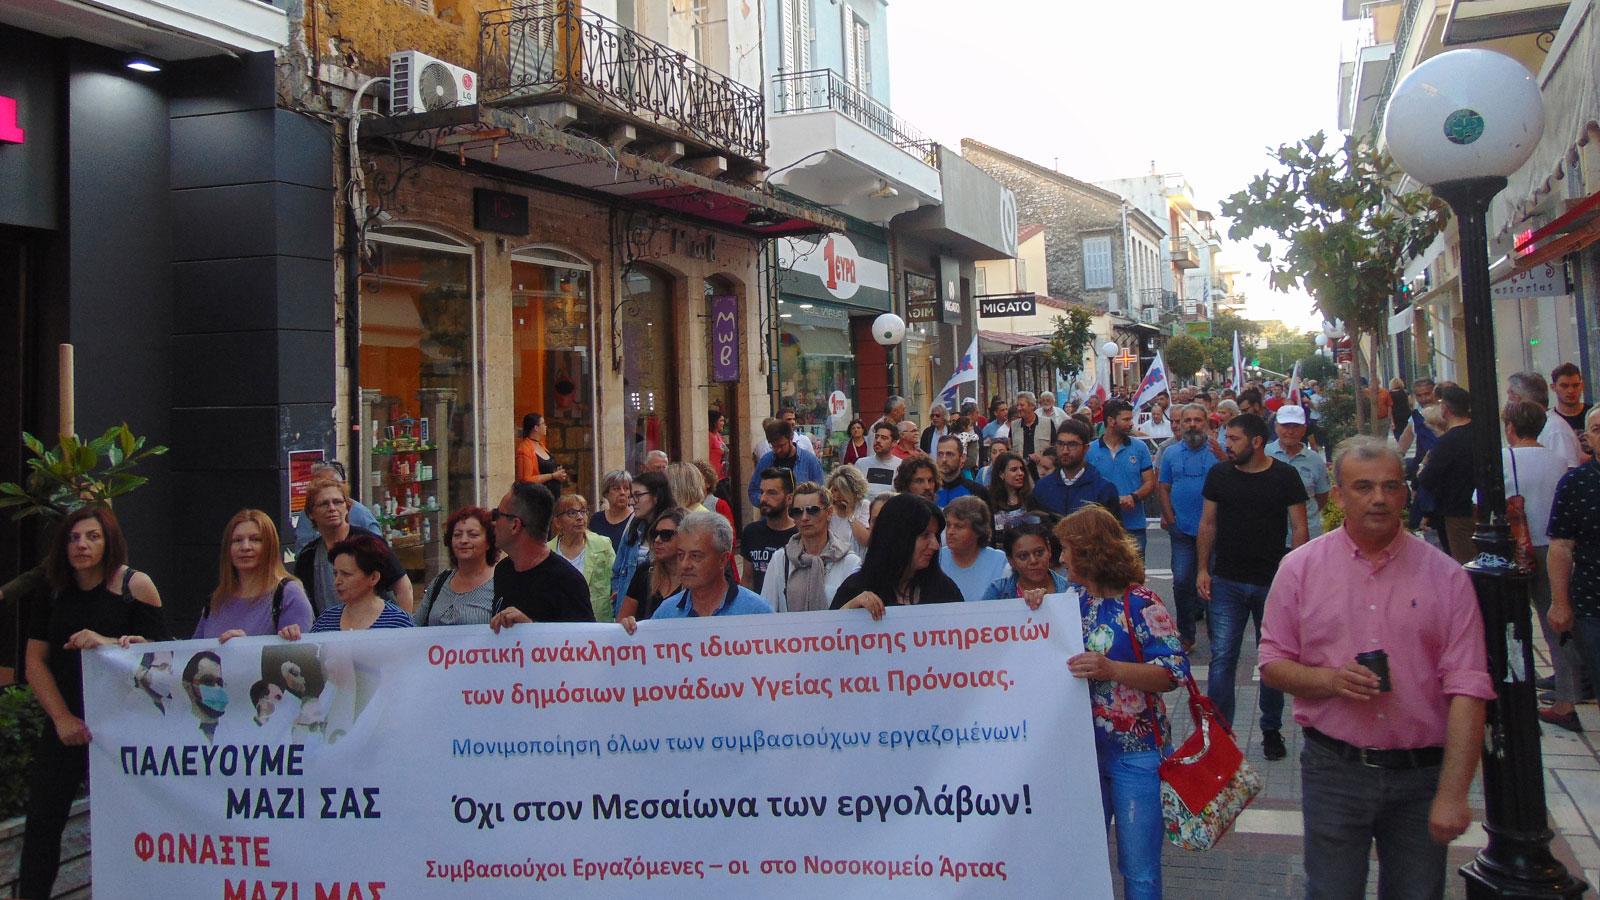 Άρτα: Ξεχείλισε η Οργή Στη Μεγάλη Διαδήλωση Για Τον 29χρονο Εργάτη ...